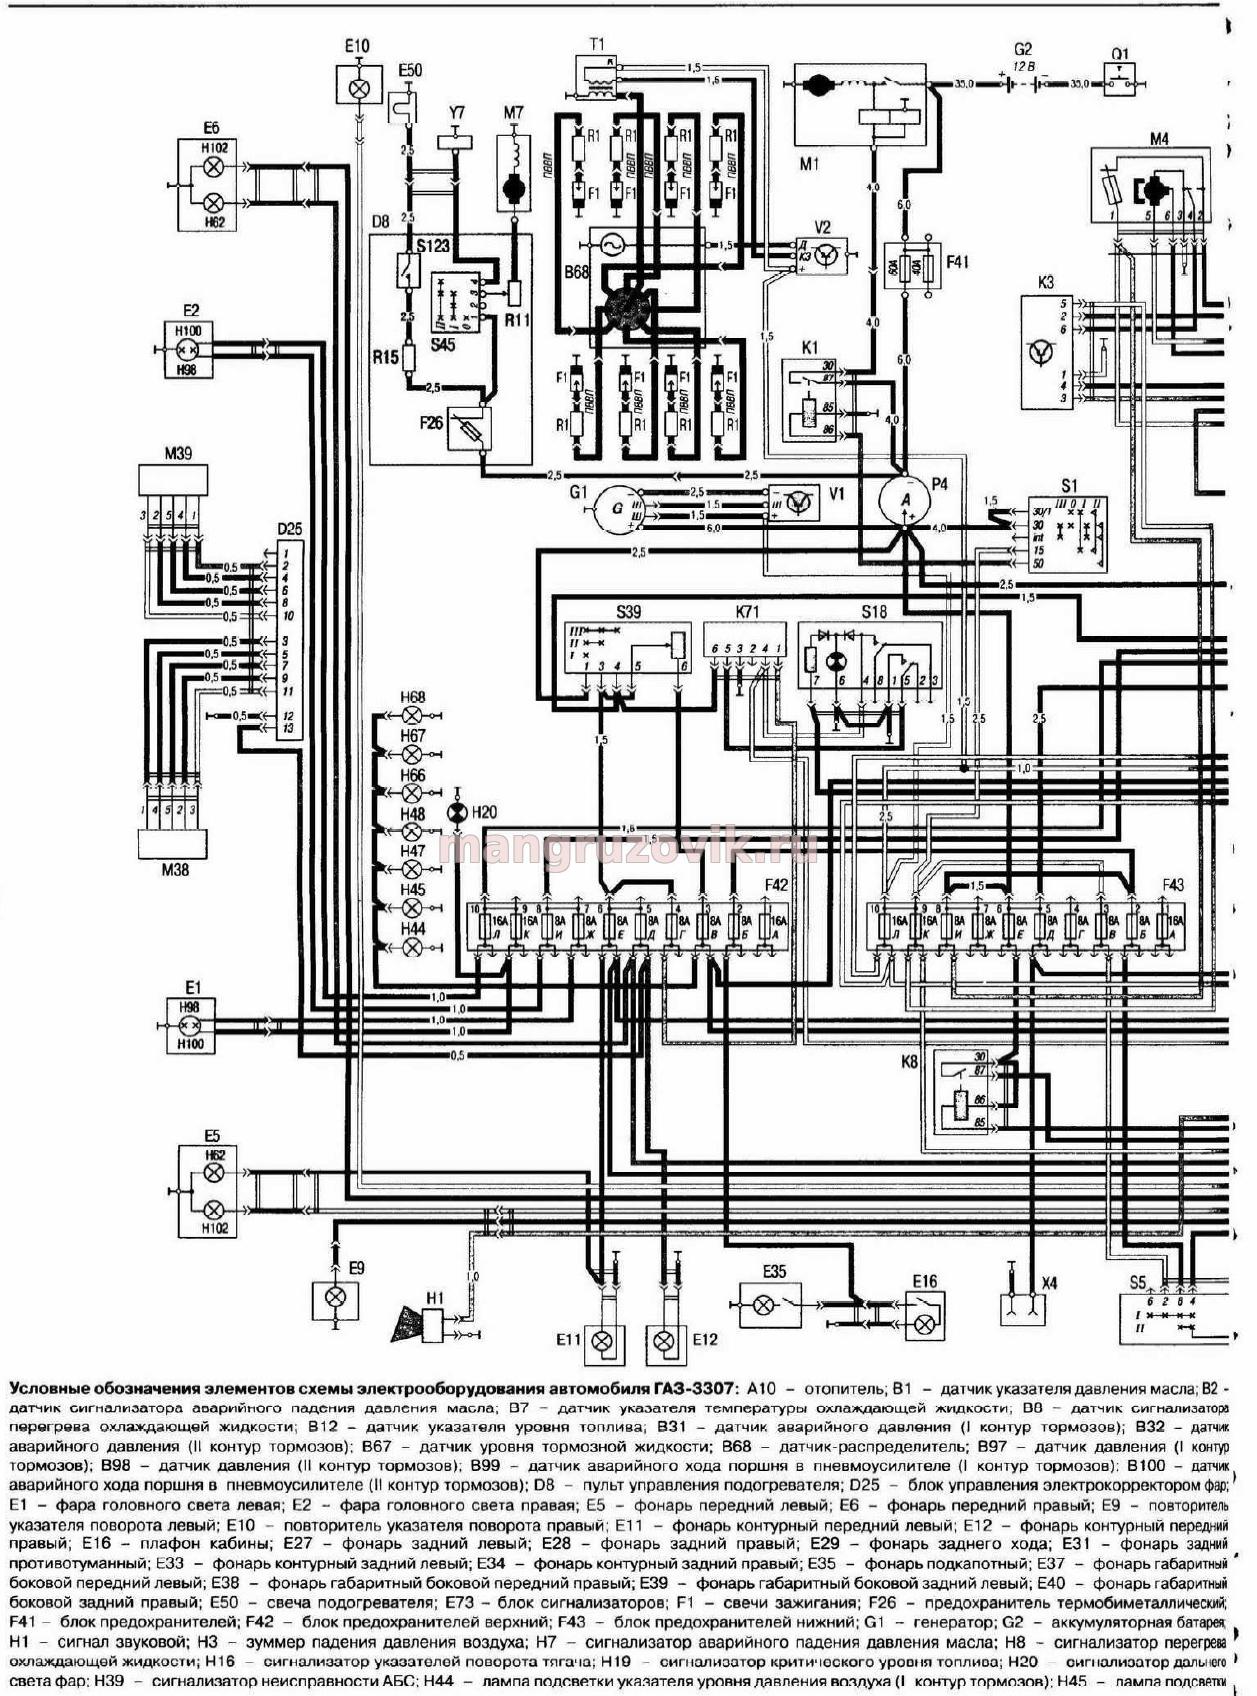 Газ 3307 схема электрооборудования скачать фото 177